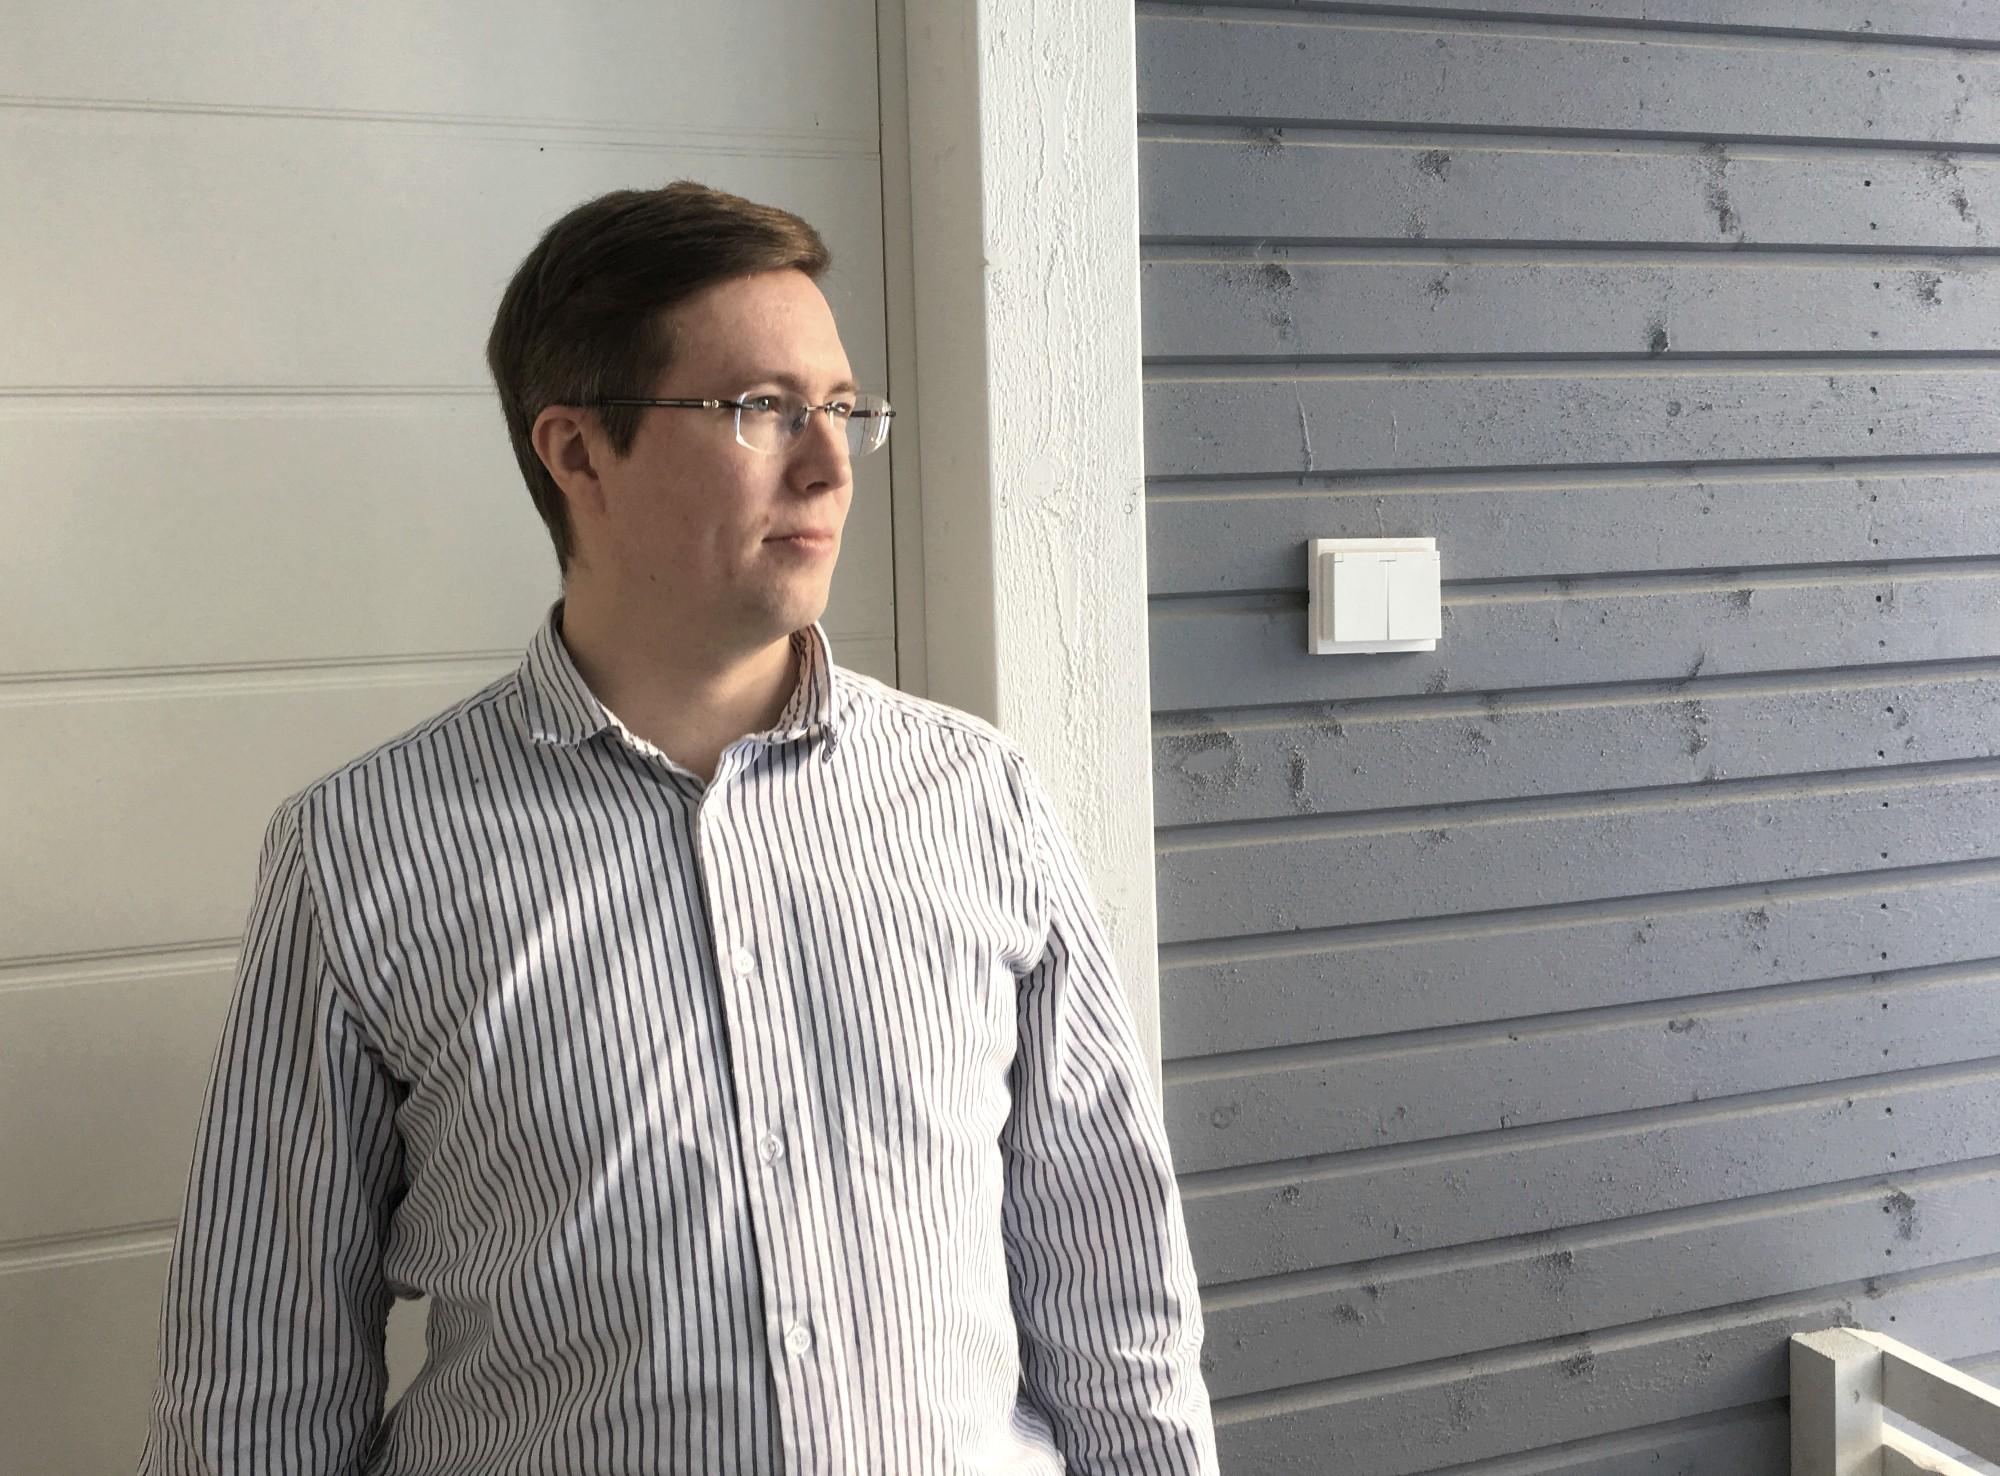 Taidekurssien ideanikkari, piirustuskurssien vetäjä ja aviomieheni Tuomas Tuimala